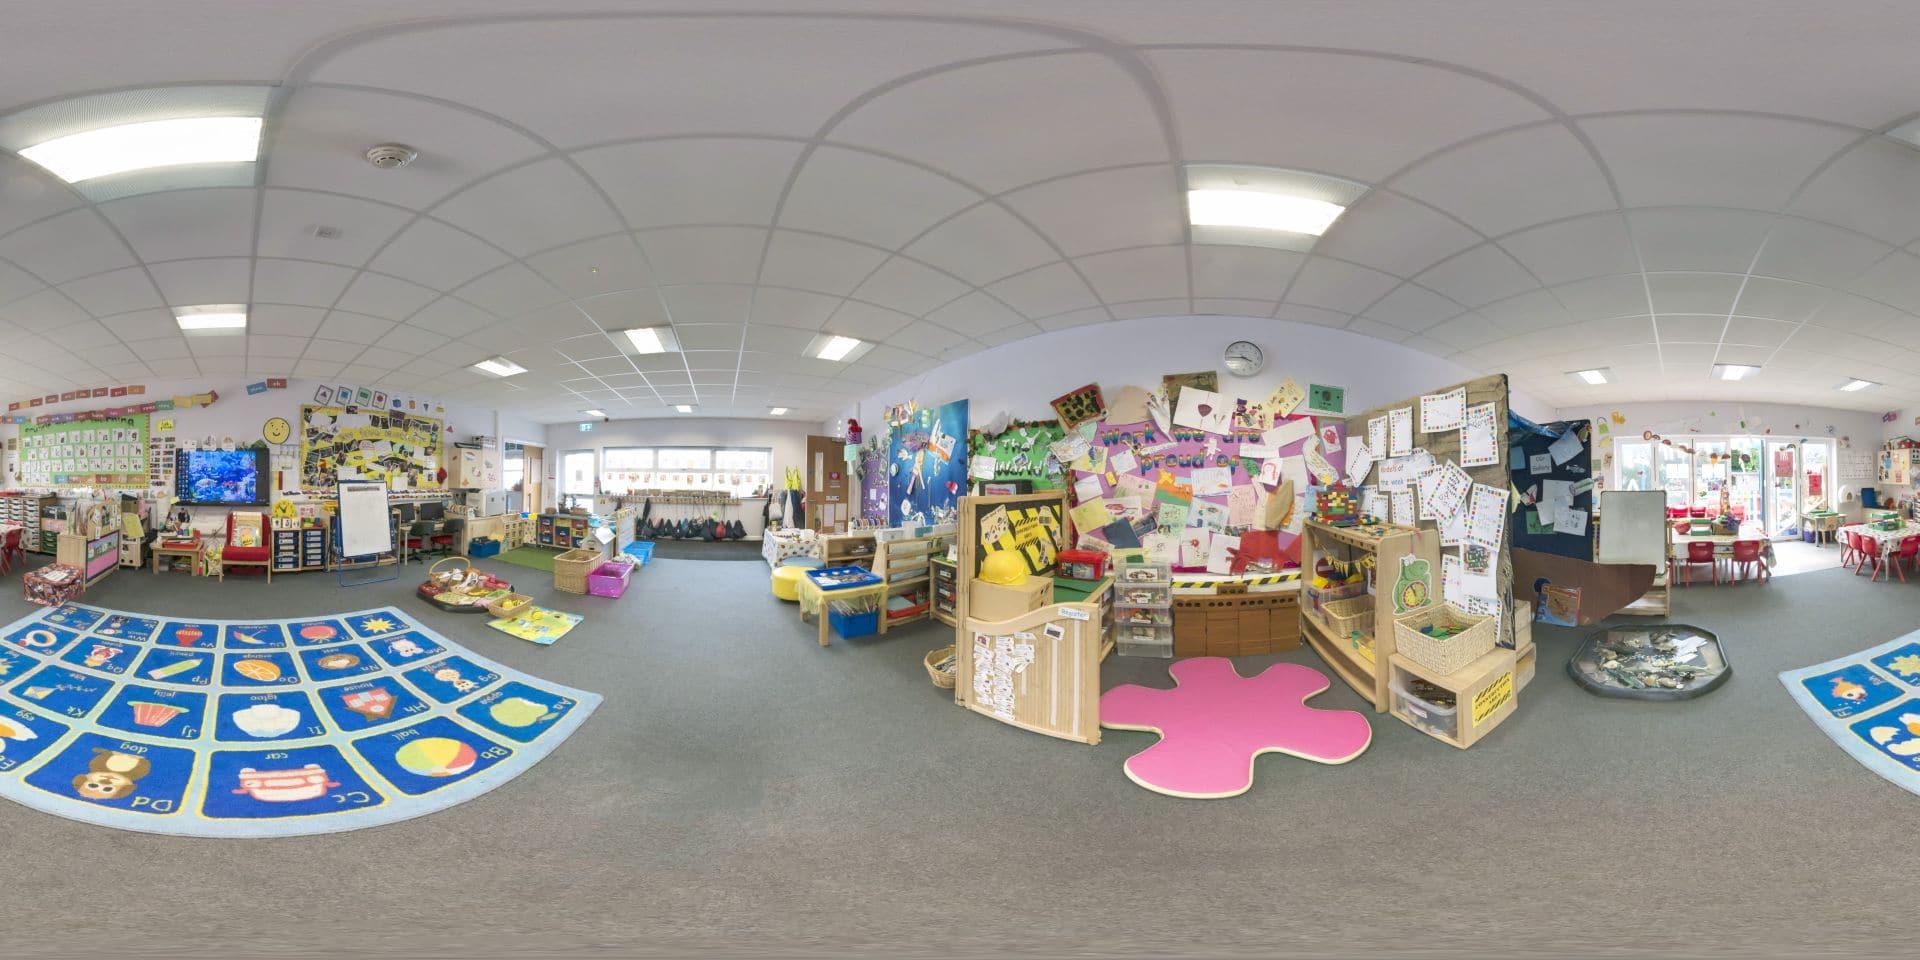 Elm Grove Primary School – Worthing